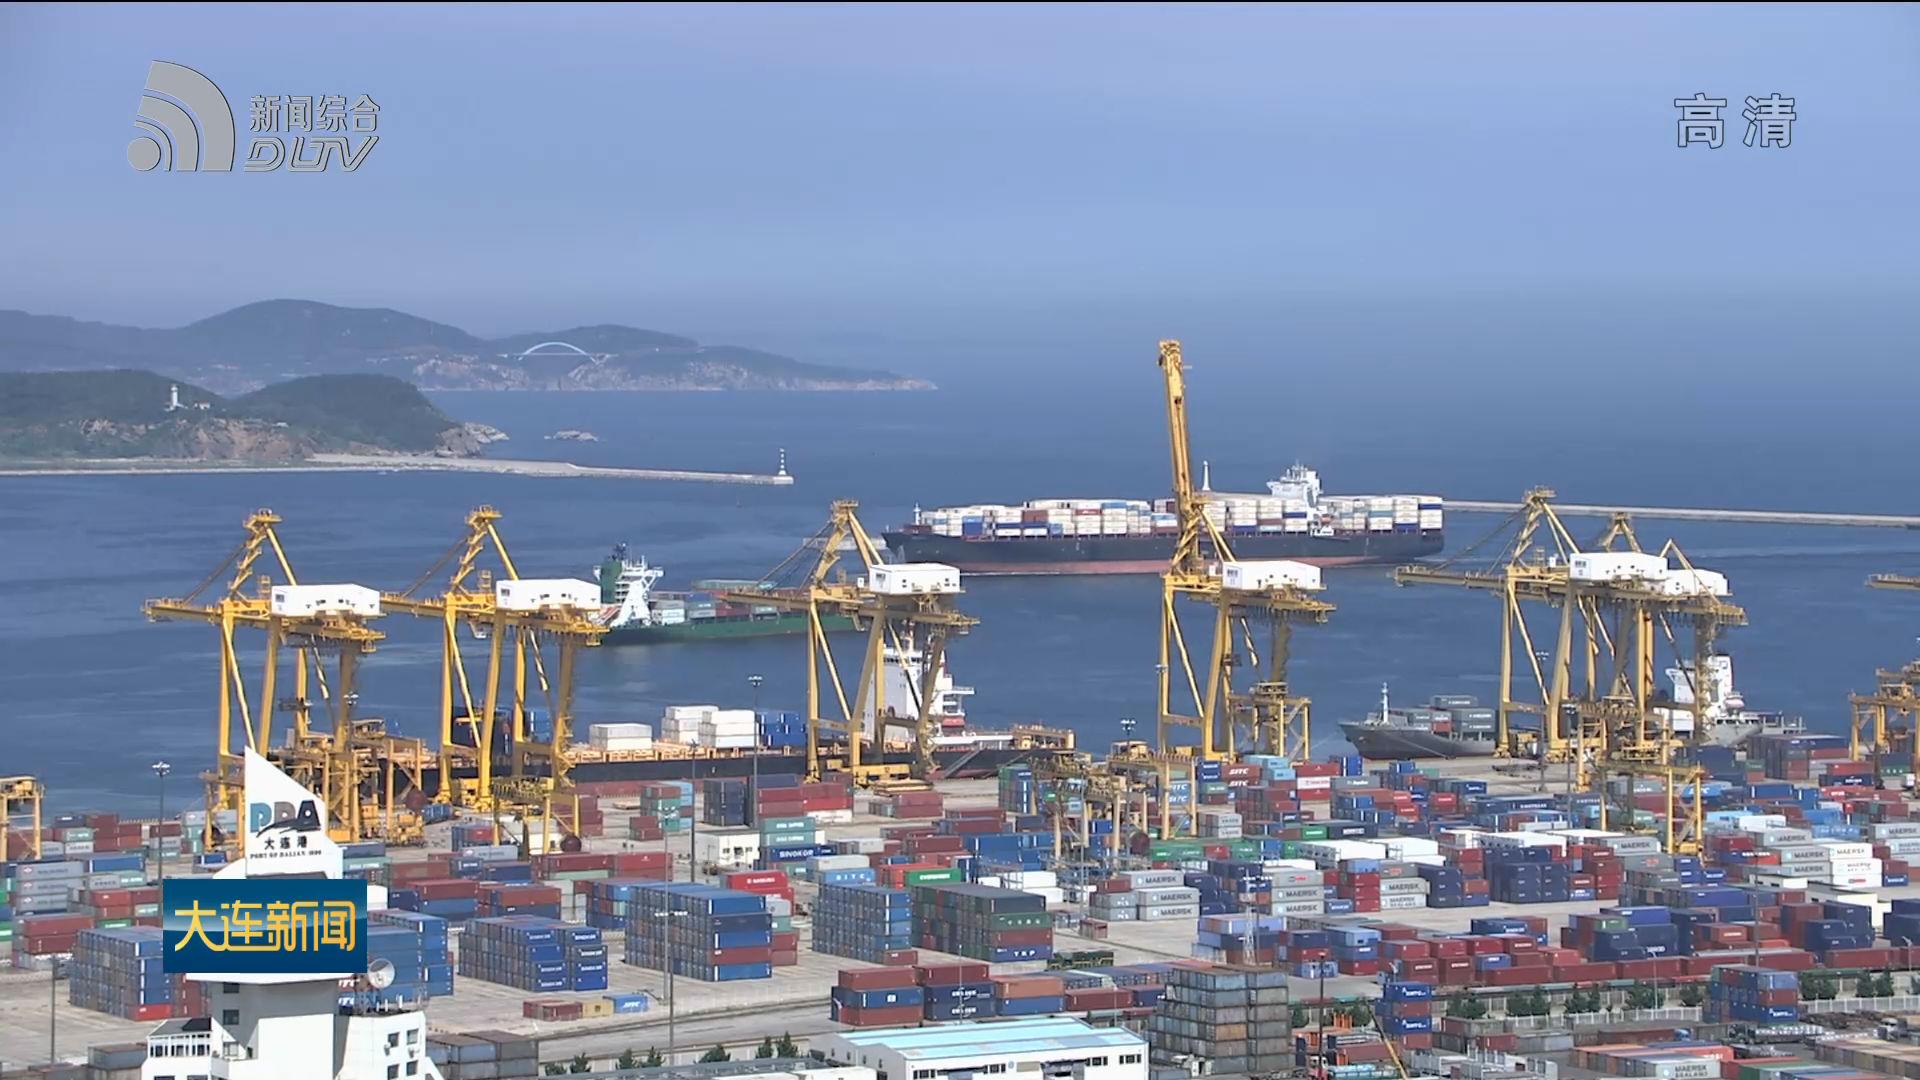 我市企業推動港口運輸高質量發展